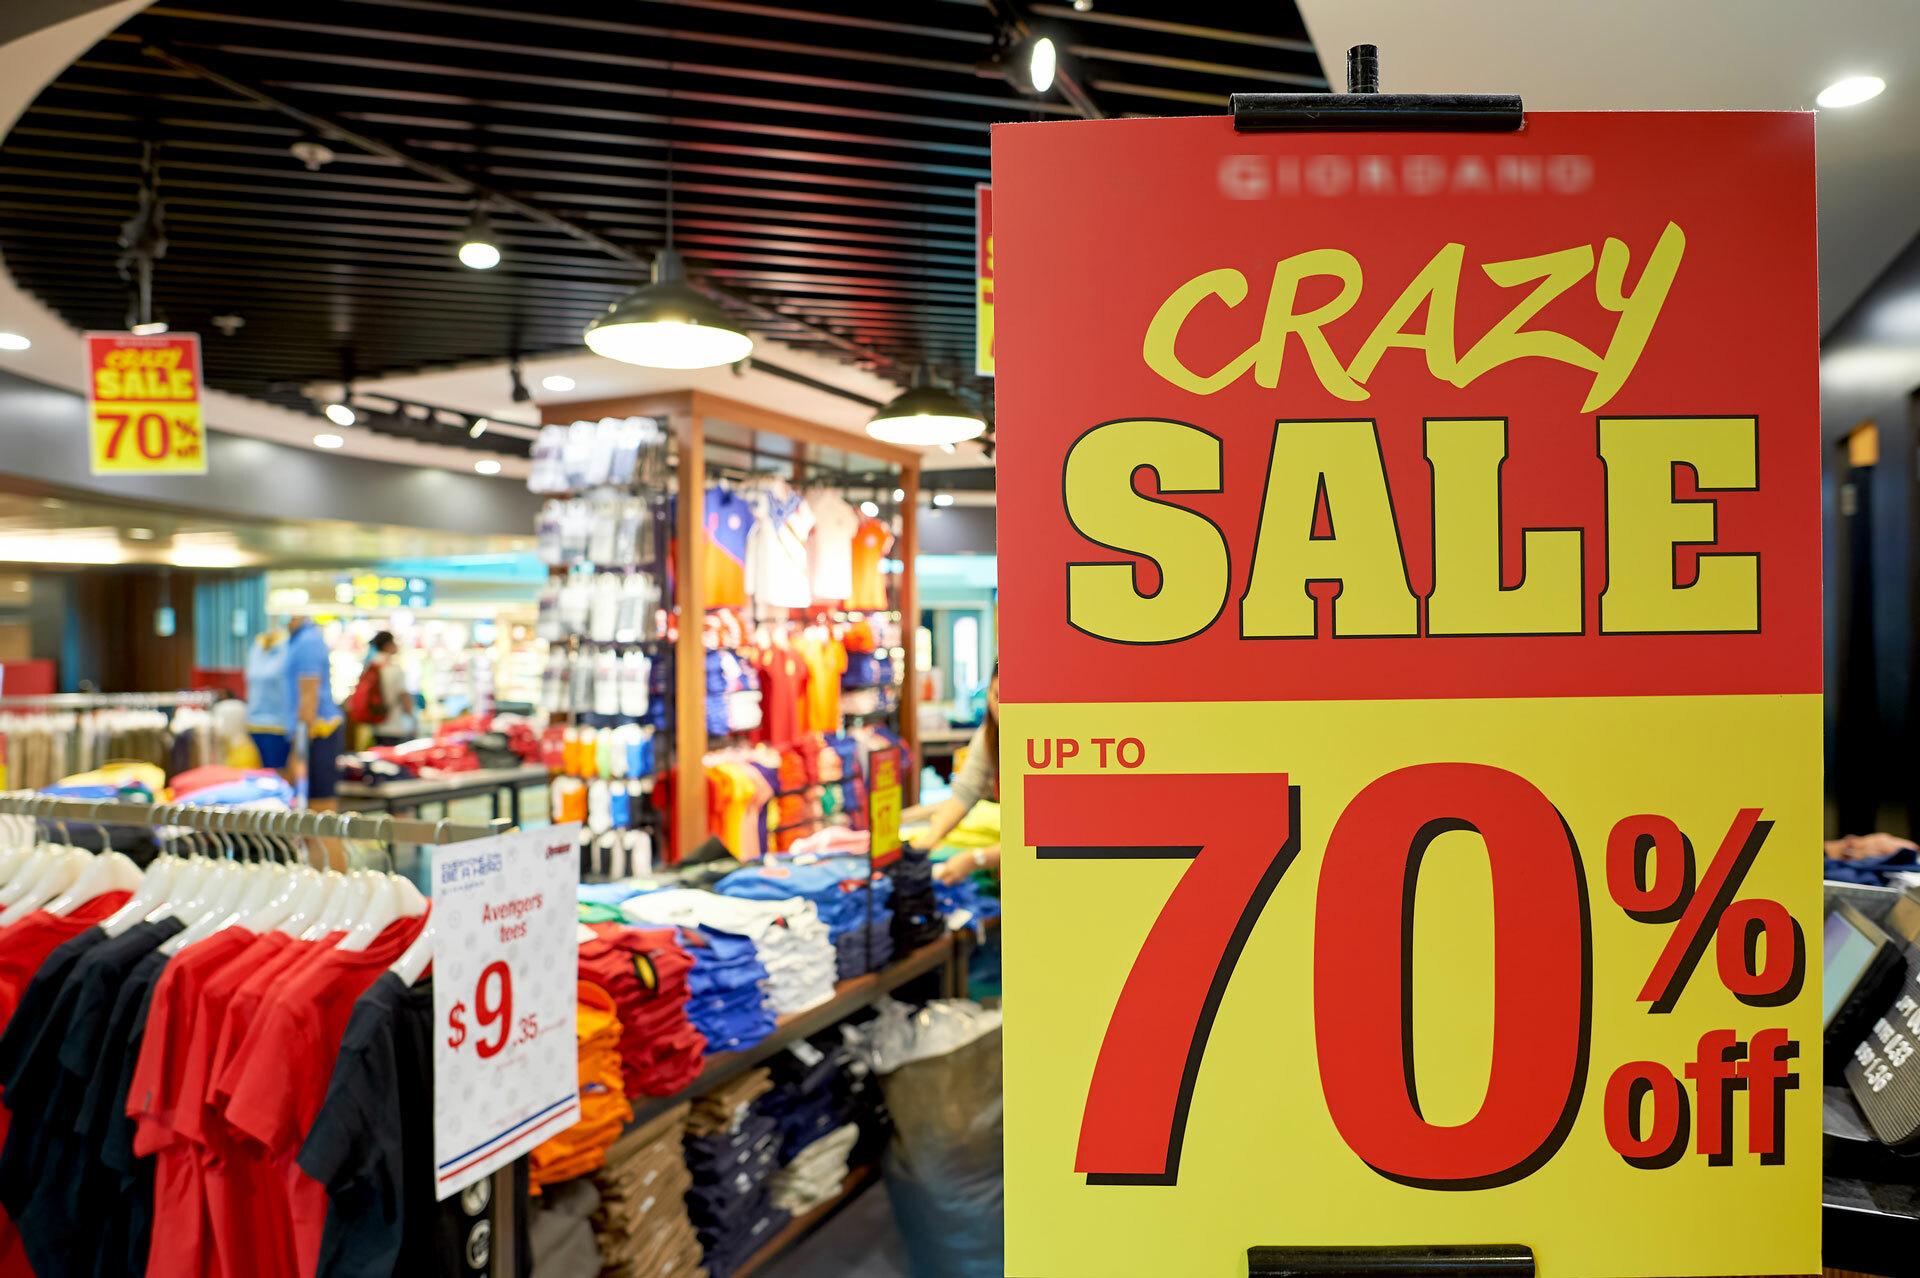 Mua sắm đồ hiệu giá rẻ ở Singapore